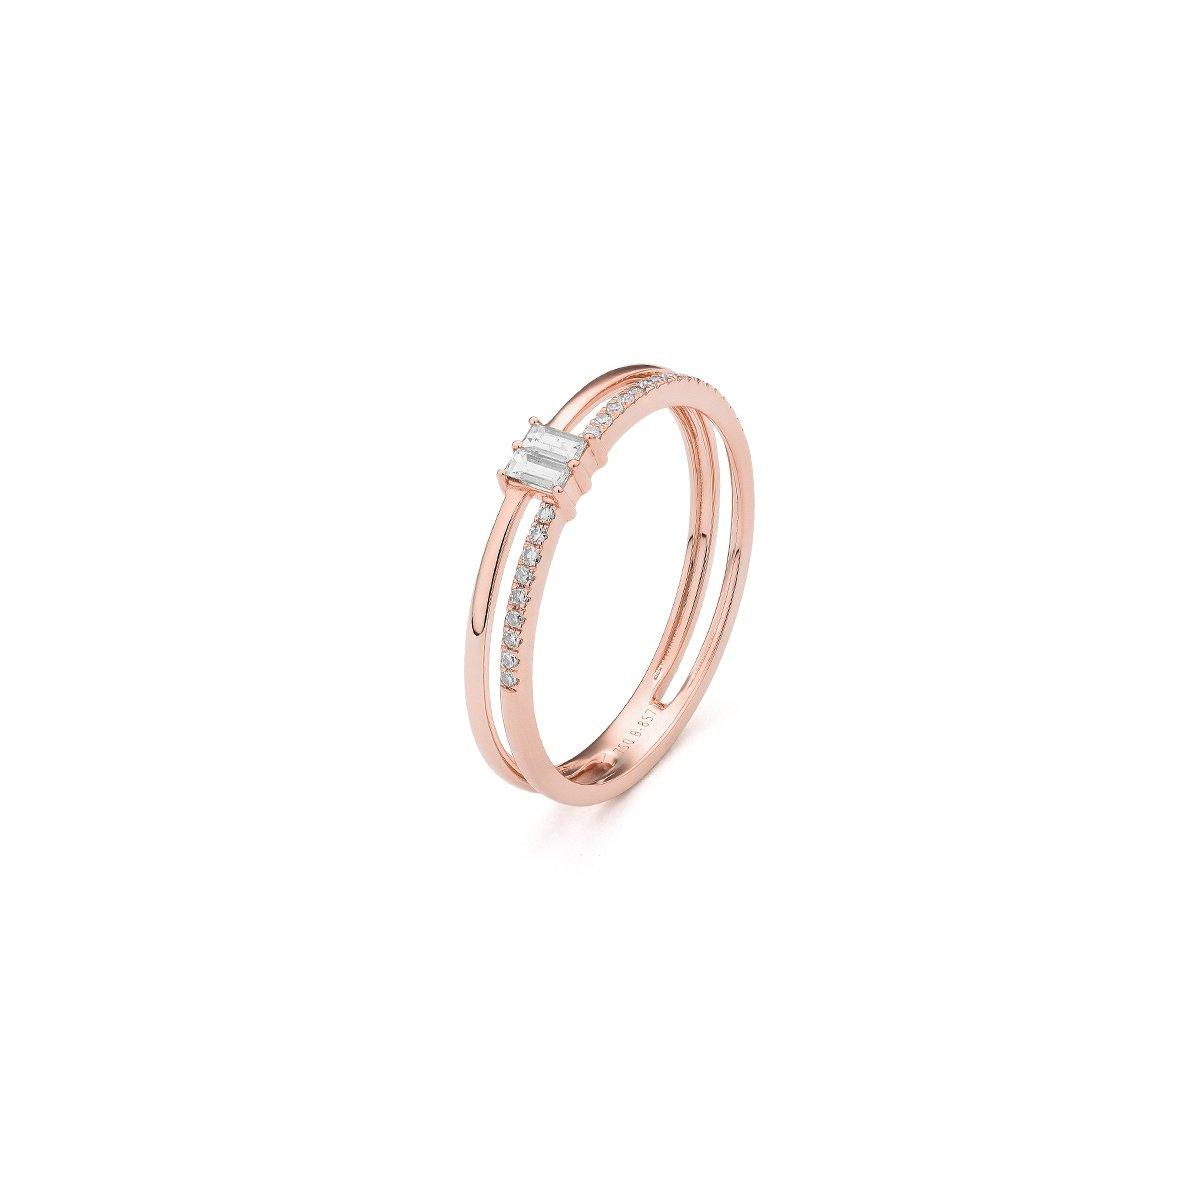 Bague en or rose et diamants de 0.15ct